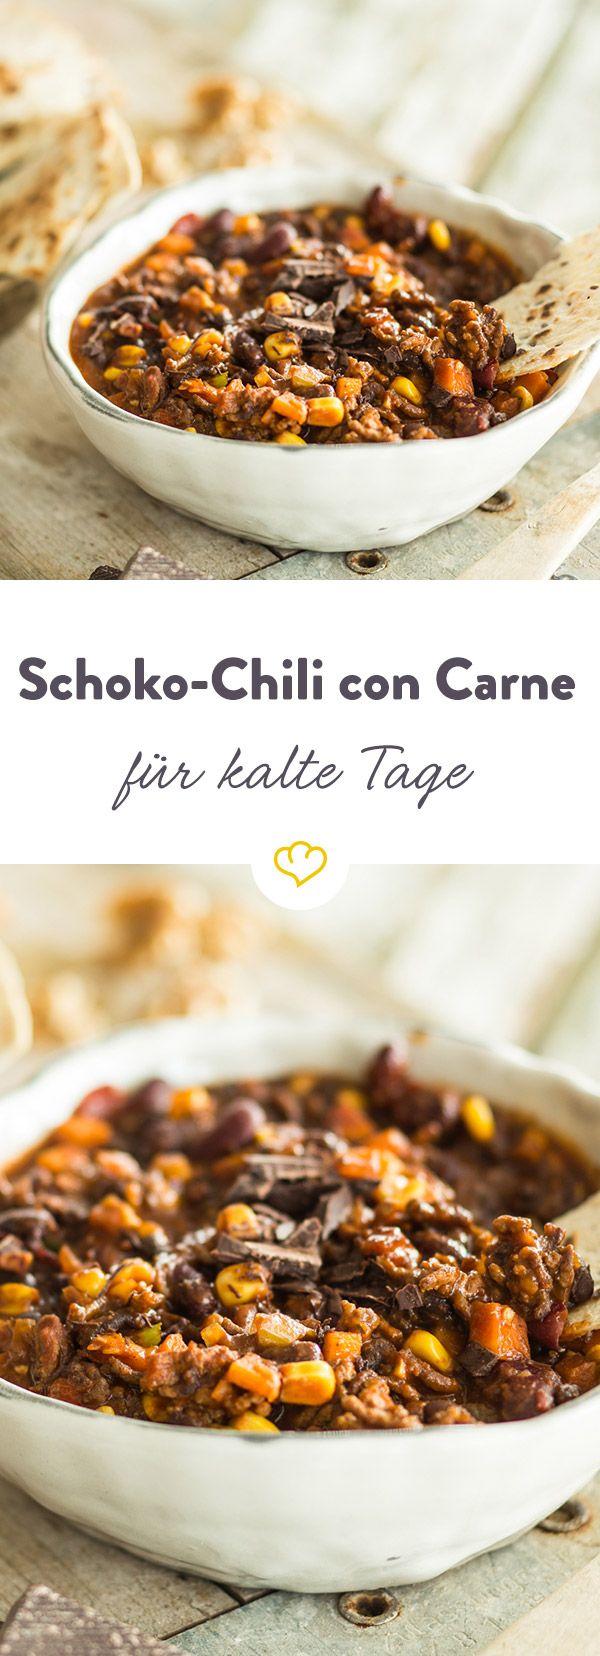 Wenn es draußen kalt wird, ist dieses Chili con Carne genau das Richtige für dich! Kräftige Schokolade und Nüsse verleihen dem Ganzen eine winterliche Note.